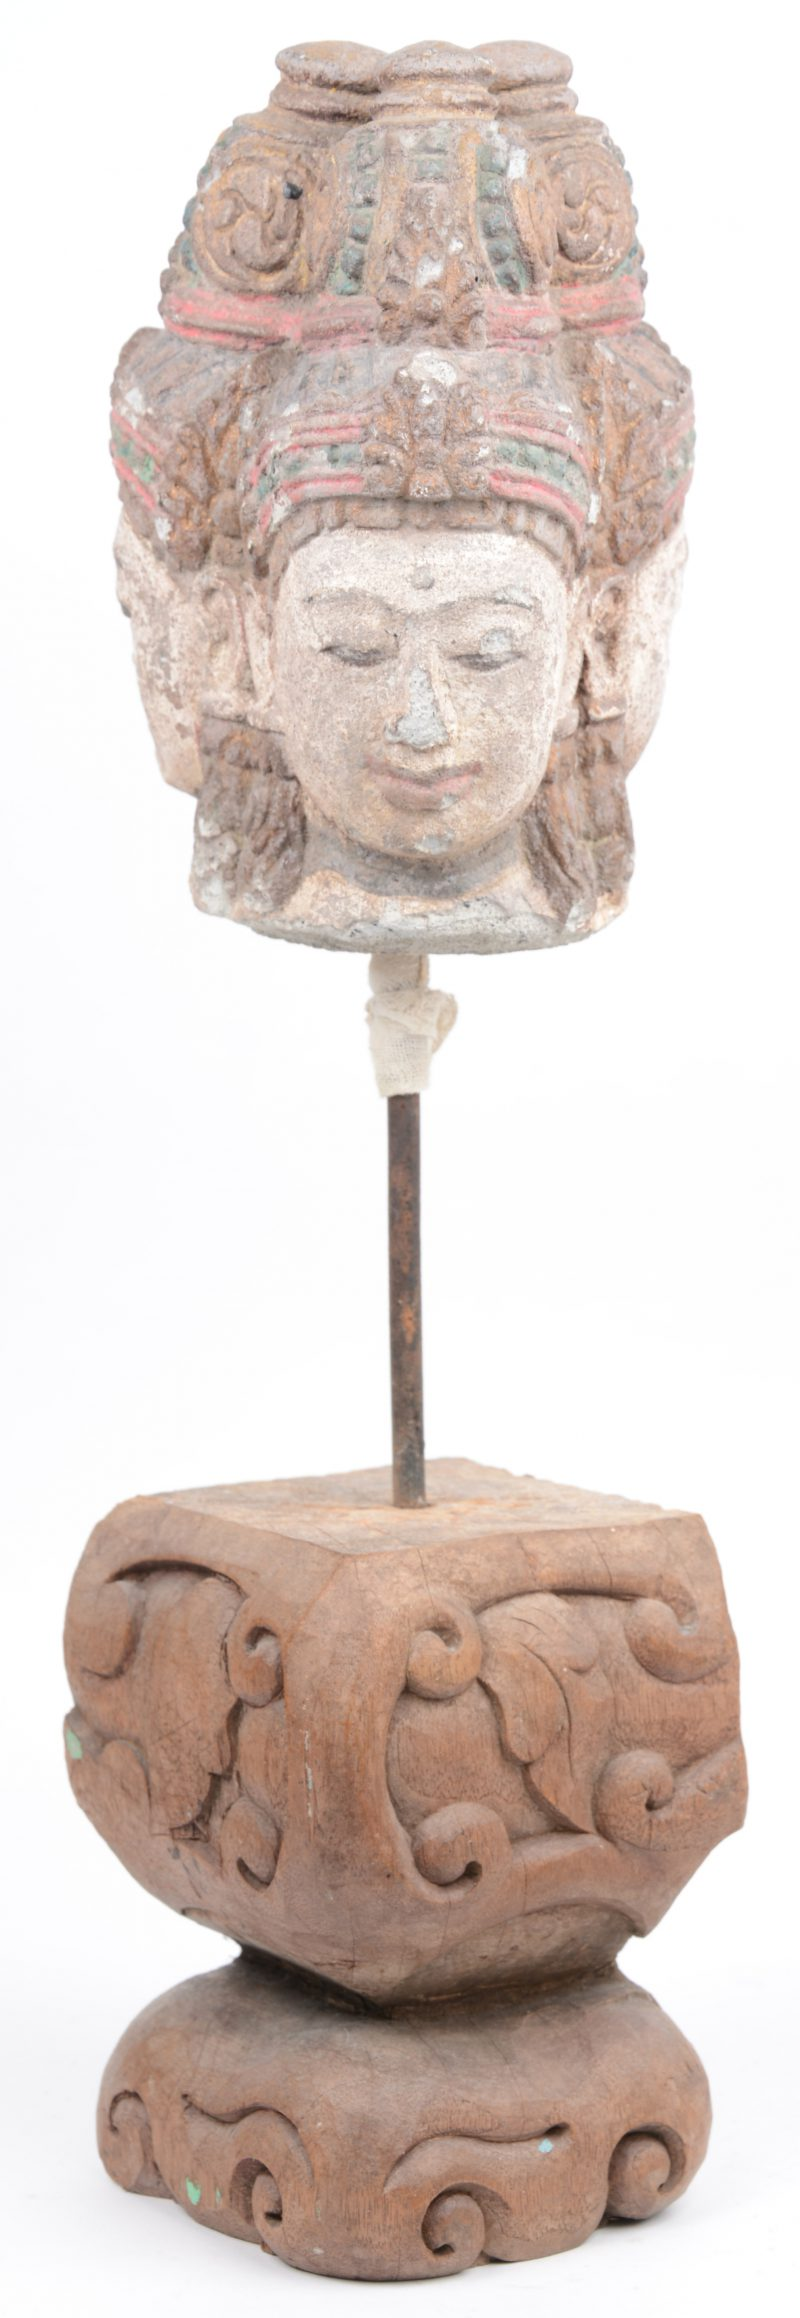 Een gepolychromeerd stenen Boeddhahoofd met drie gezichten. Op houten sokkel.